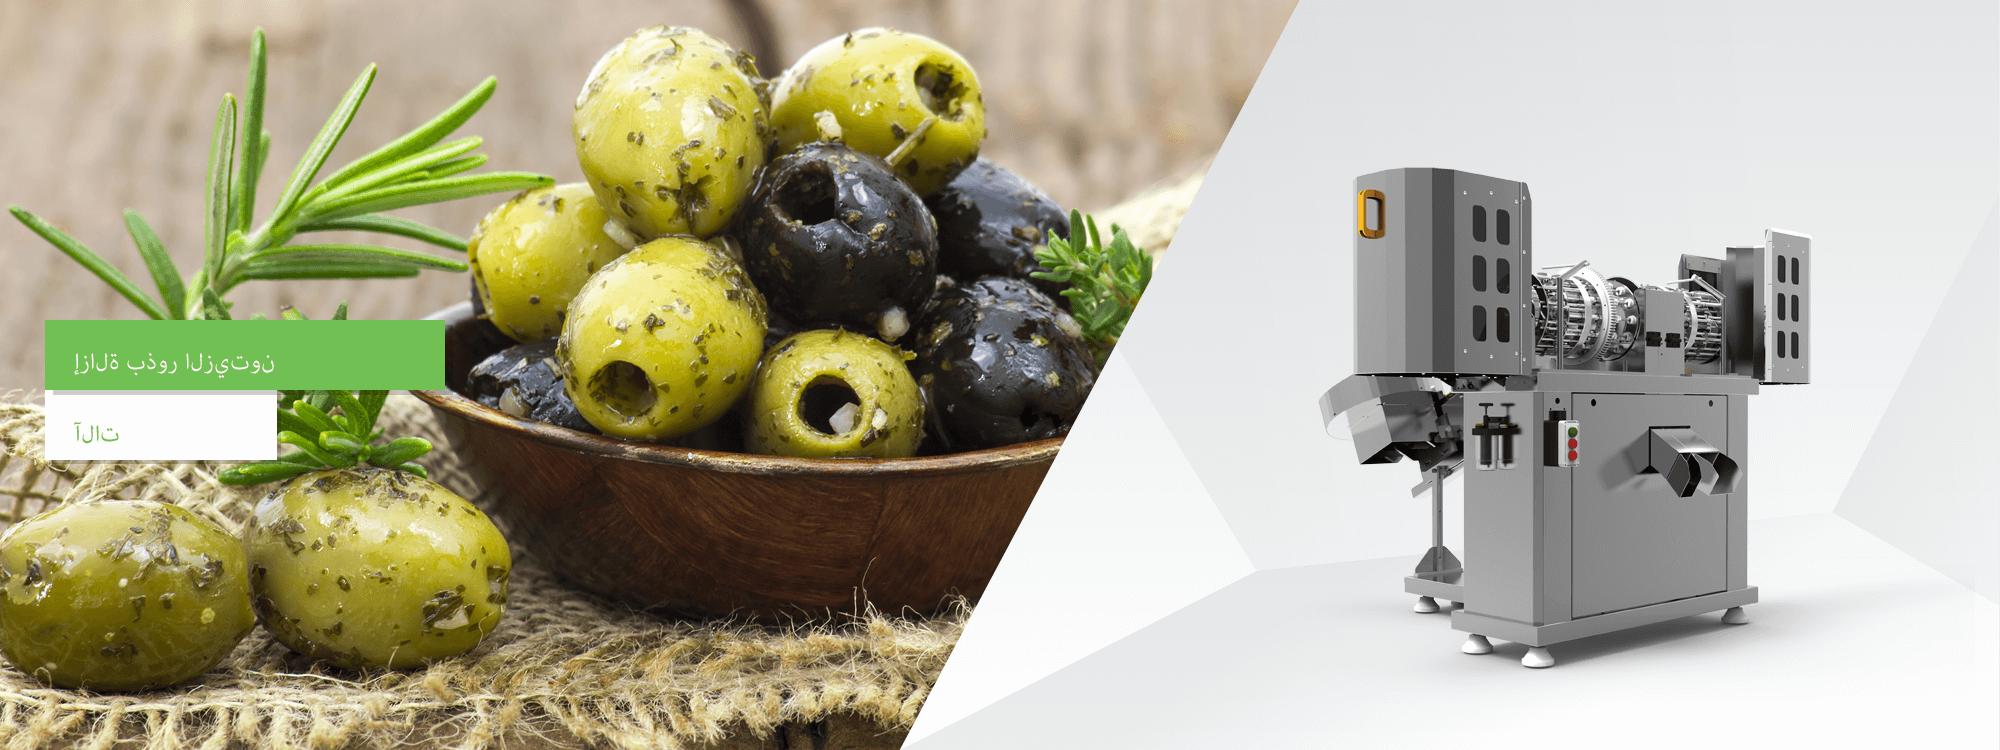 Zeytin Çekirdeği Çıkarma Makinaları AR